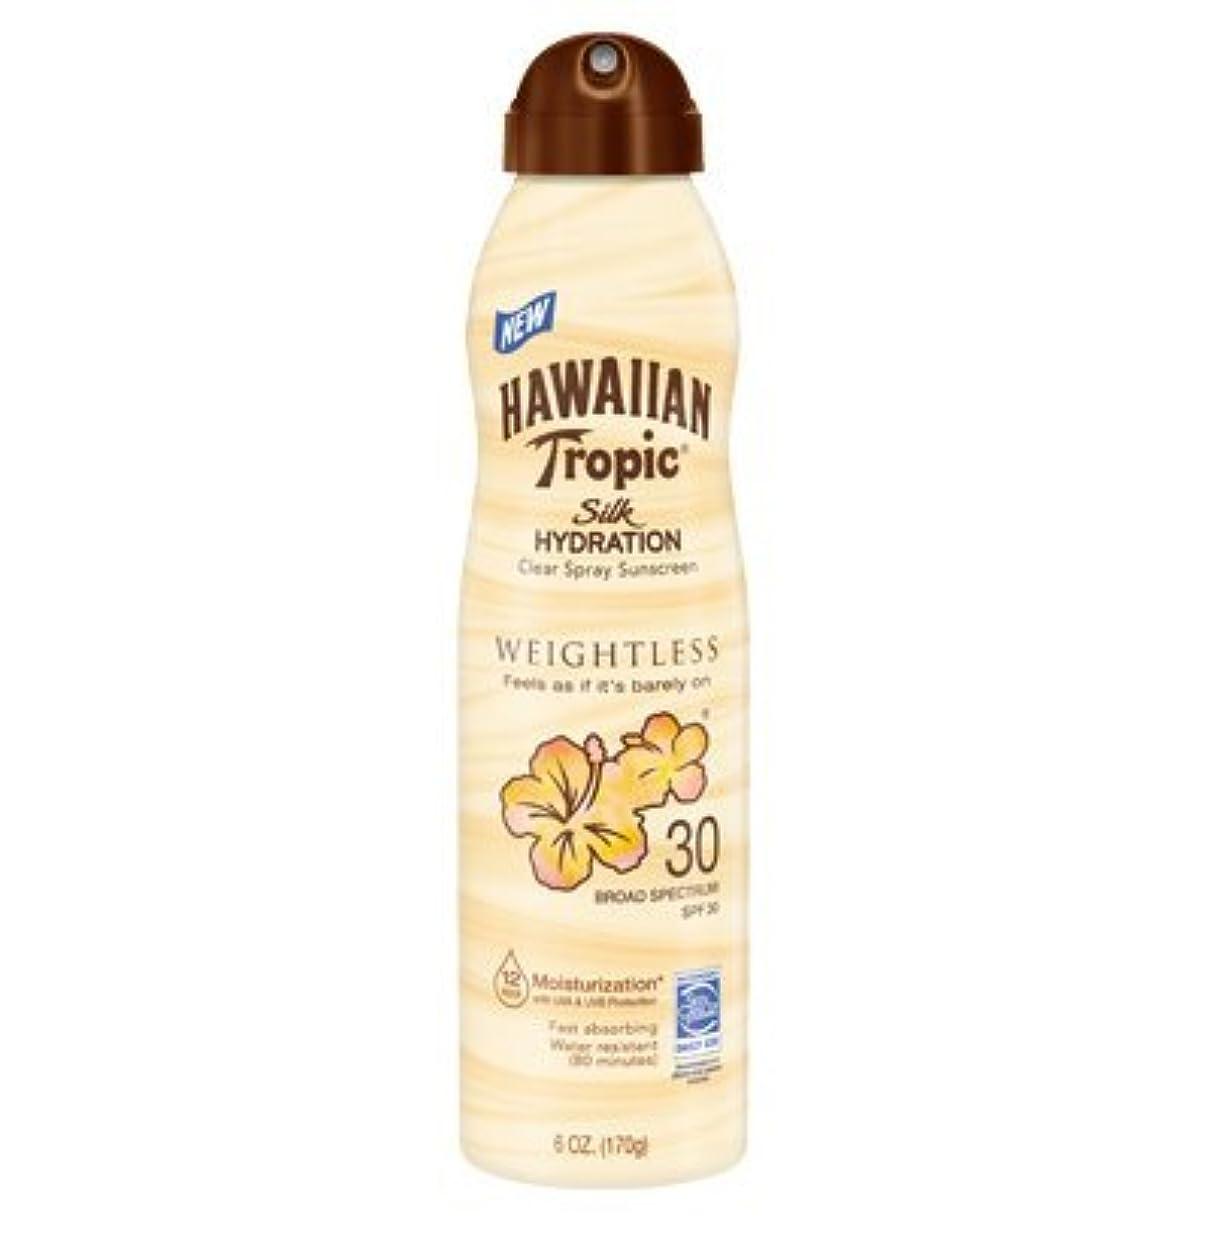 ドーム分解する事前【海外直送】ハワイアントロピック 12時間持続 日焼け止めミスト SPF30 (177ml) Hawaiian Tropic Silk Hydration Clear Mist Spray Sunscreen SPF 30...